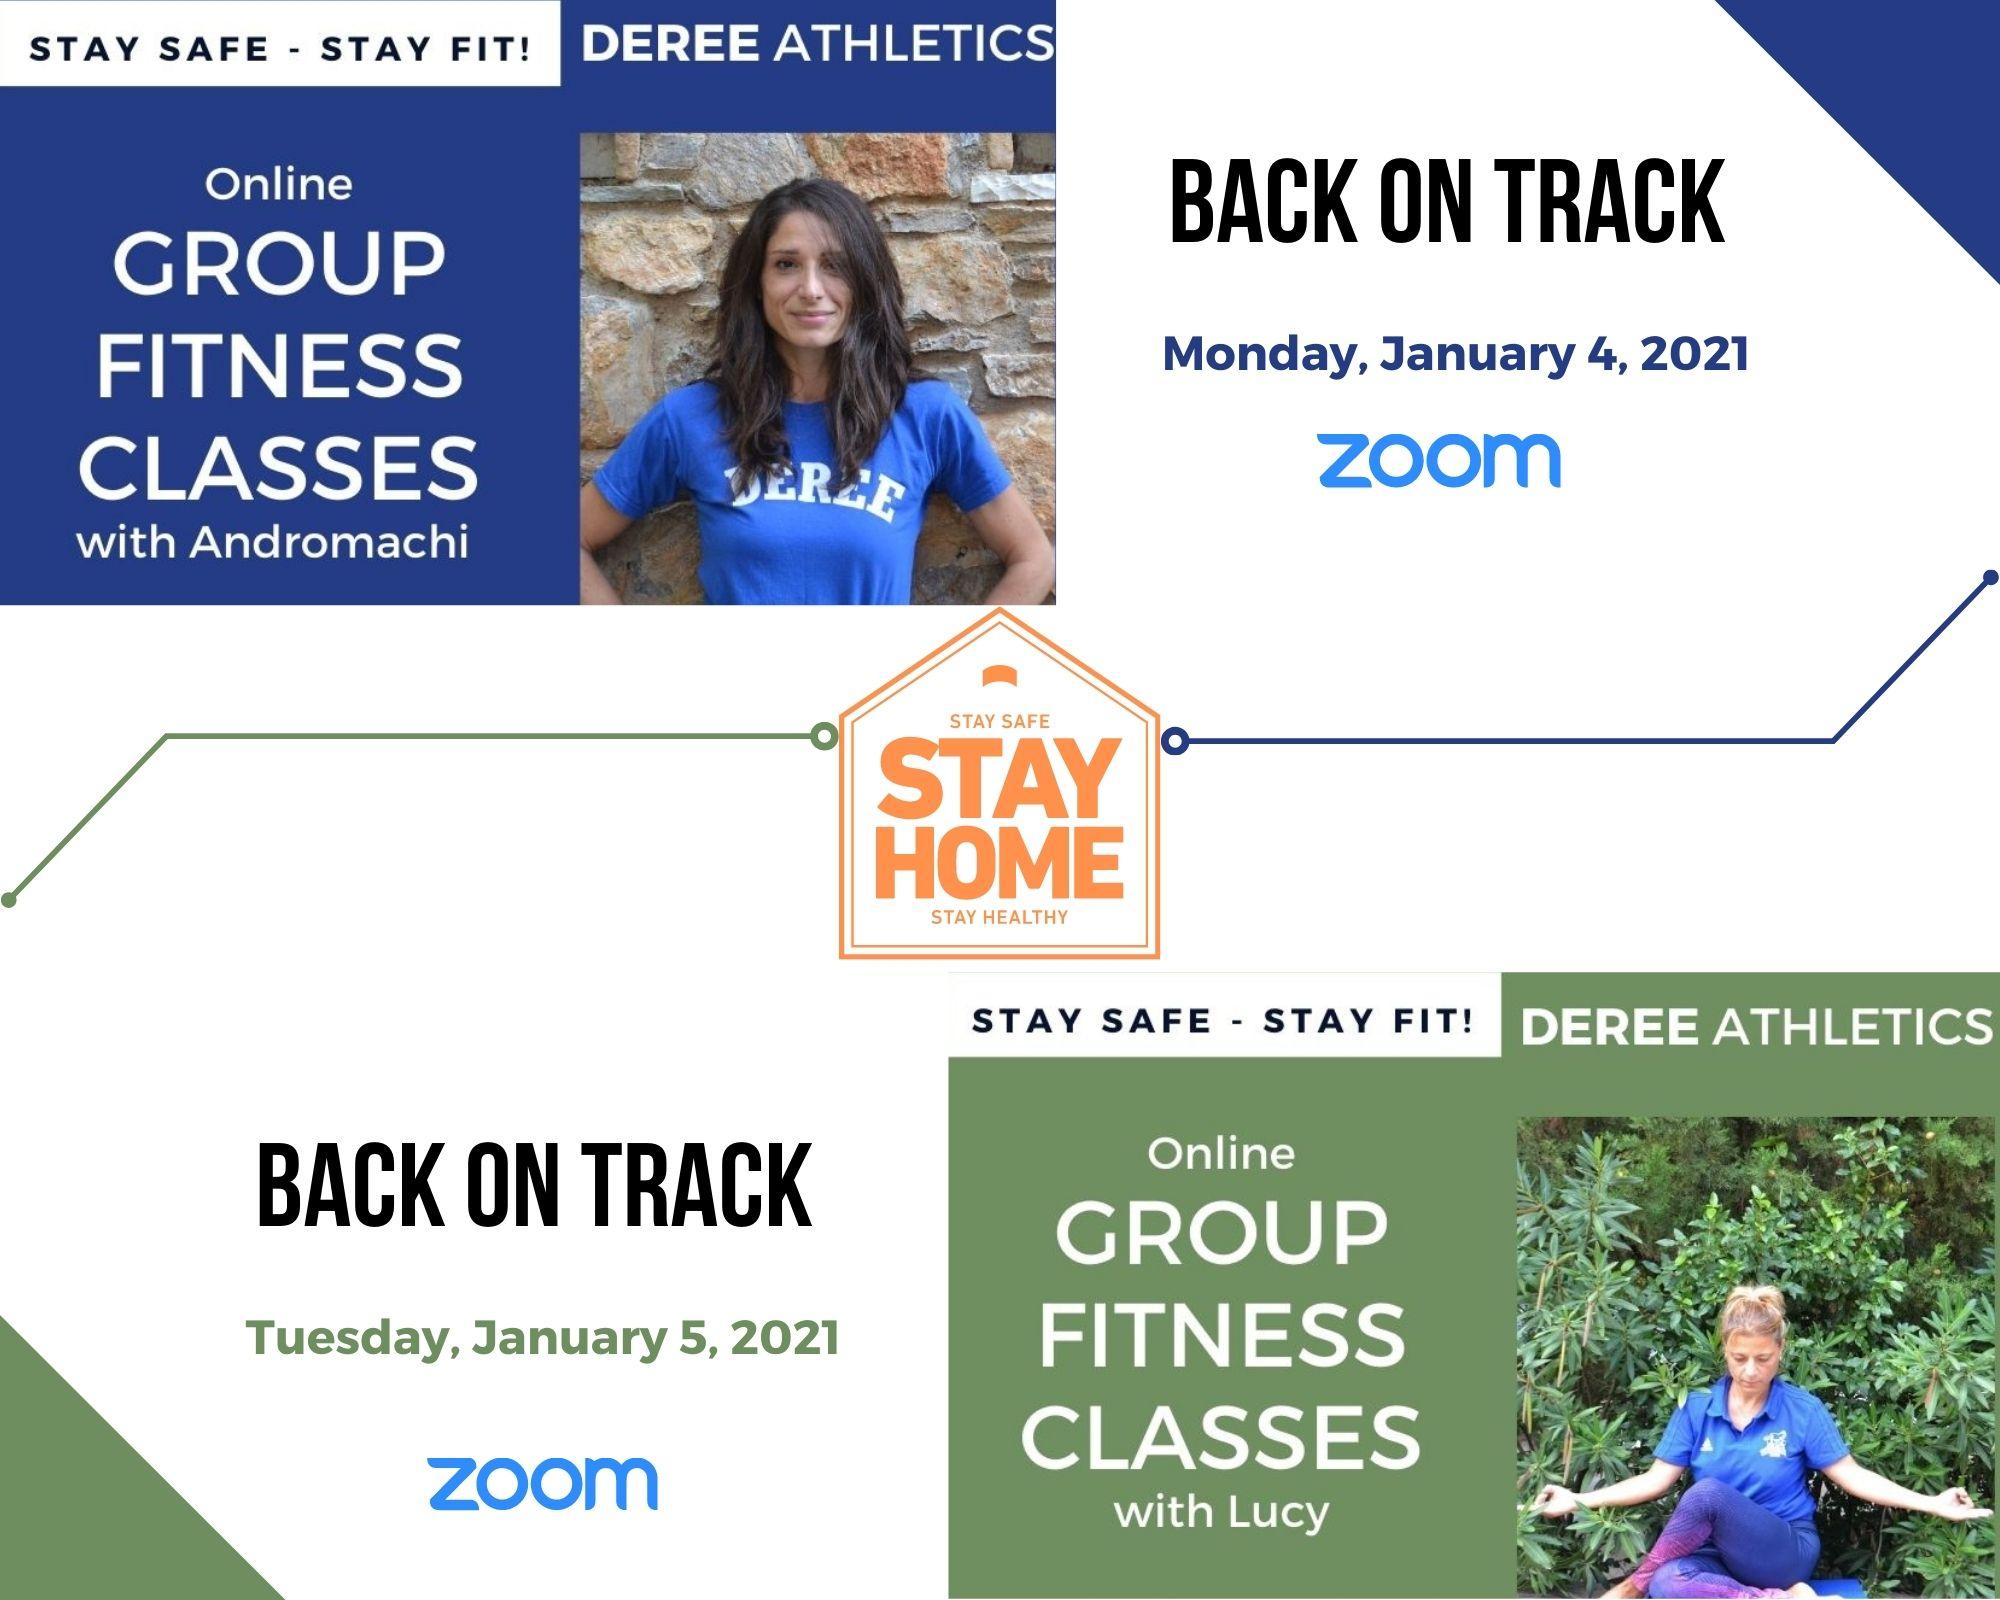 Τα online ομαδικά προγράμματα ξανά μαζί σας από 4 Ιανουαρίου!